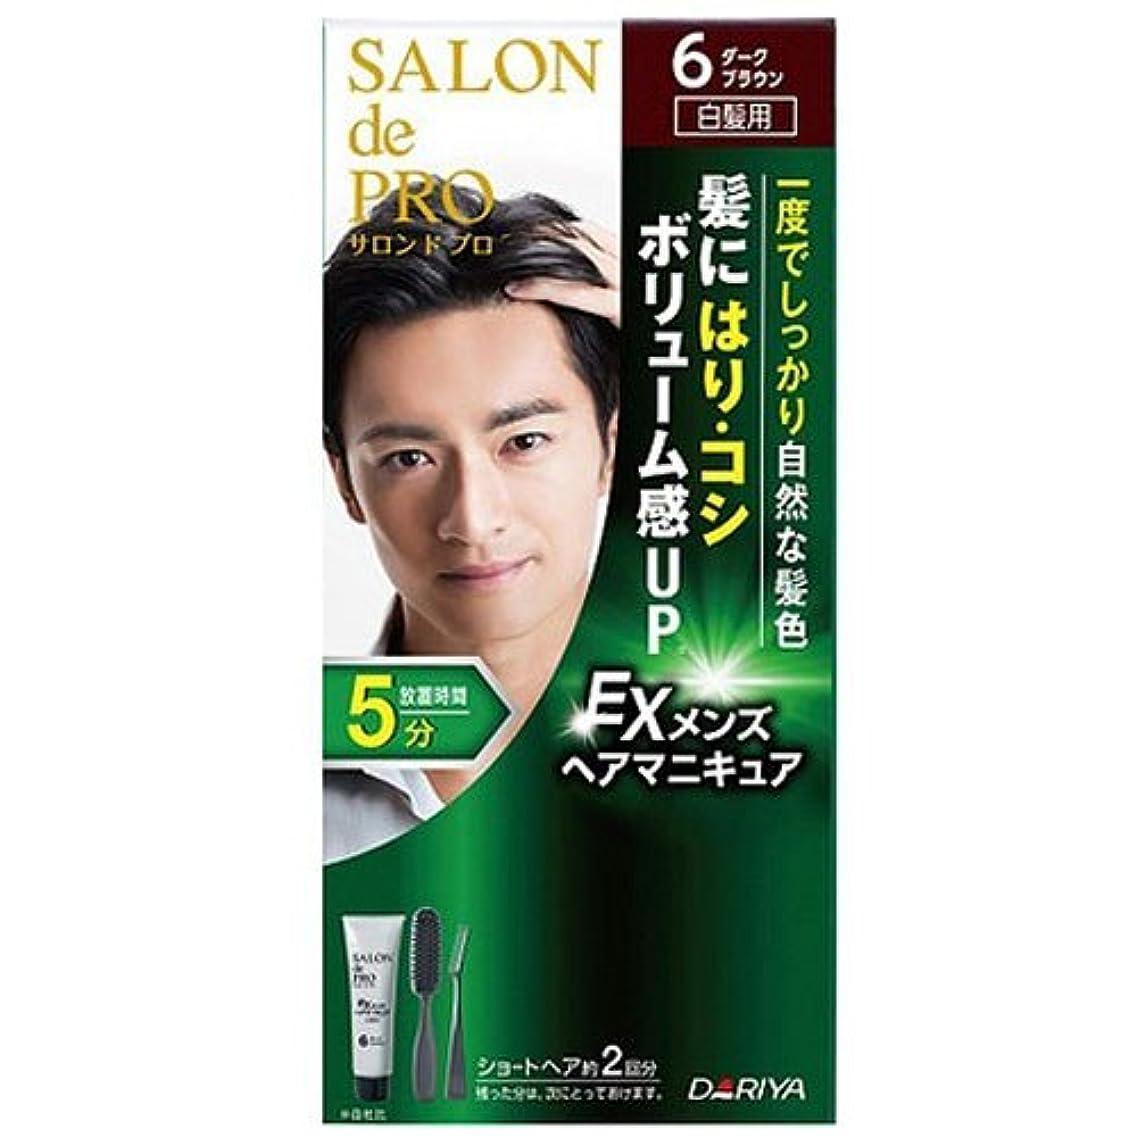 安いです除外するテスピアンサロンドプロ EXメンズヘアマニキュア 白髪用 6 ダークブラウン